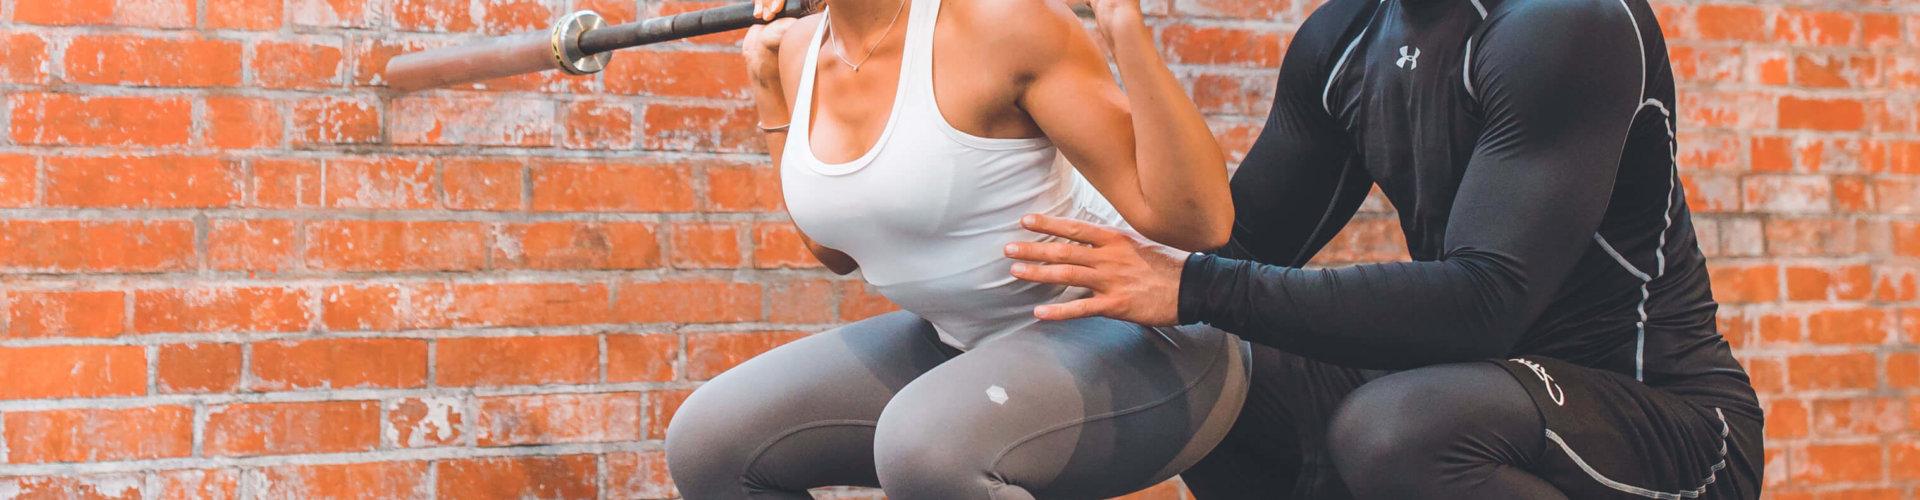 Kniebeuge Technikcheck - Kniebeugen sind nicht für jedermann.